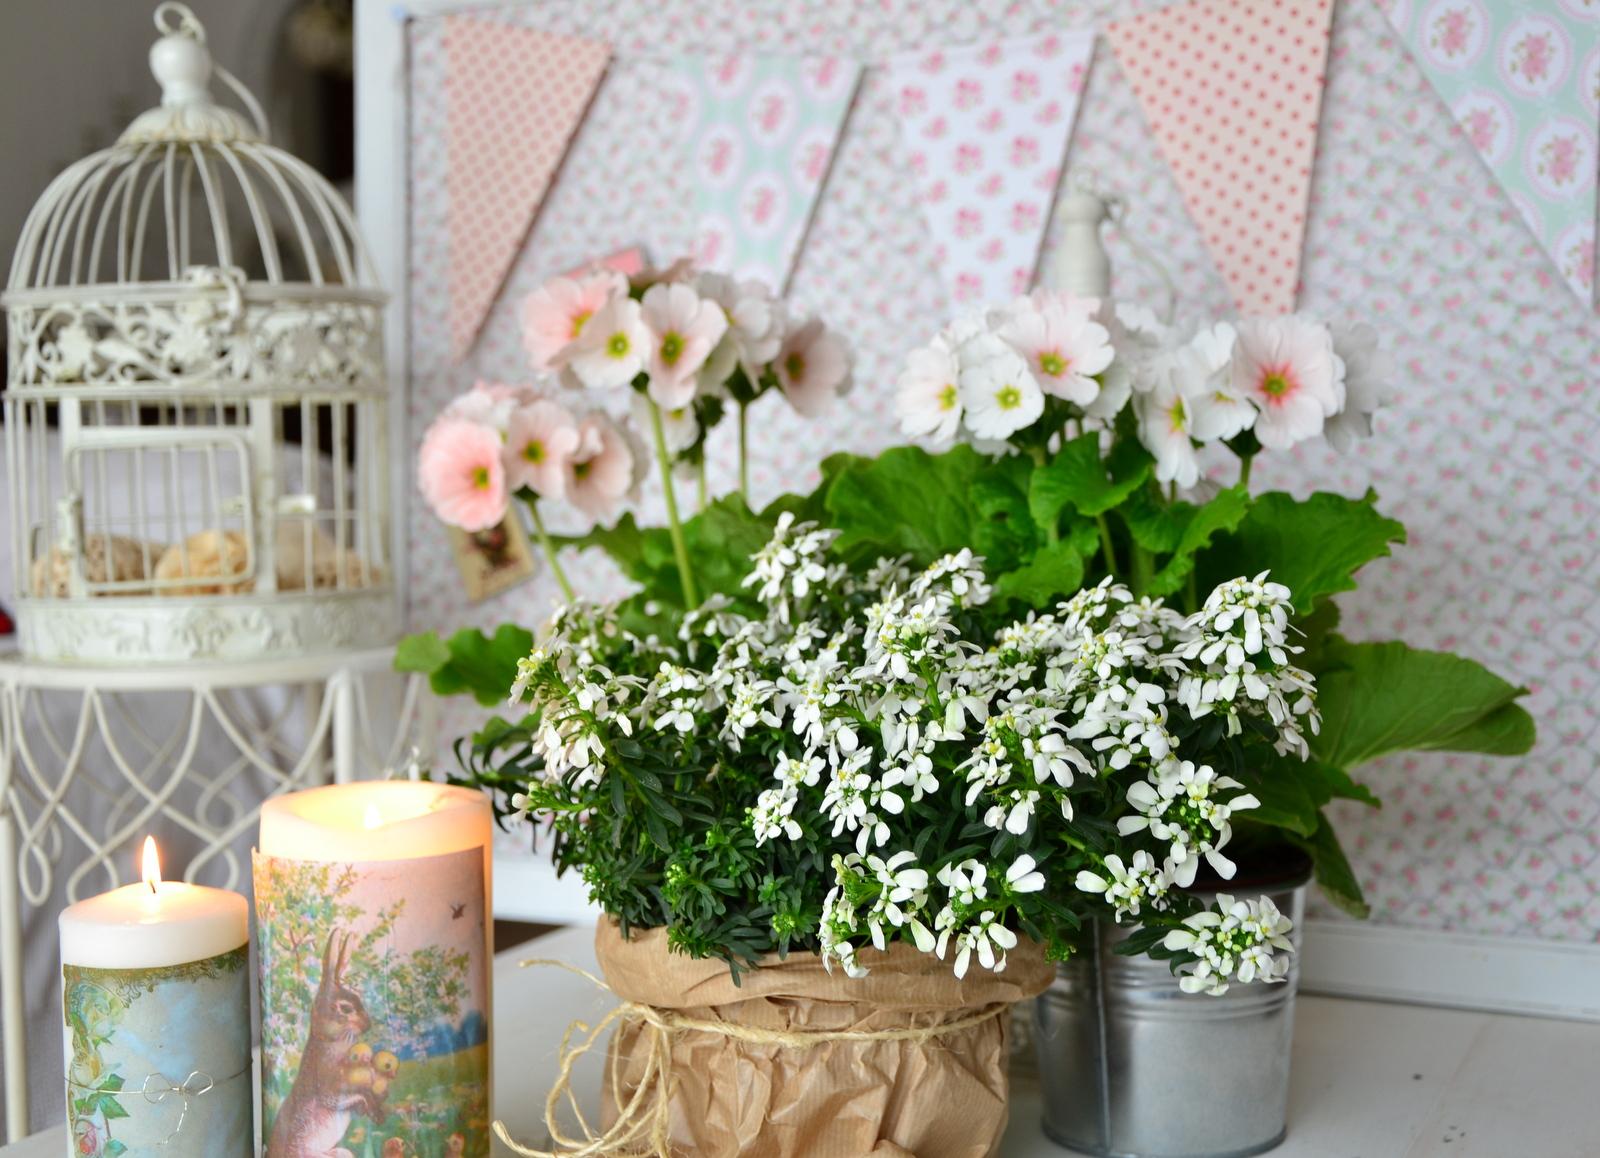 Immagini fiori primaverili for Immagini per desktop fiori